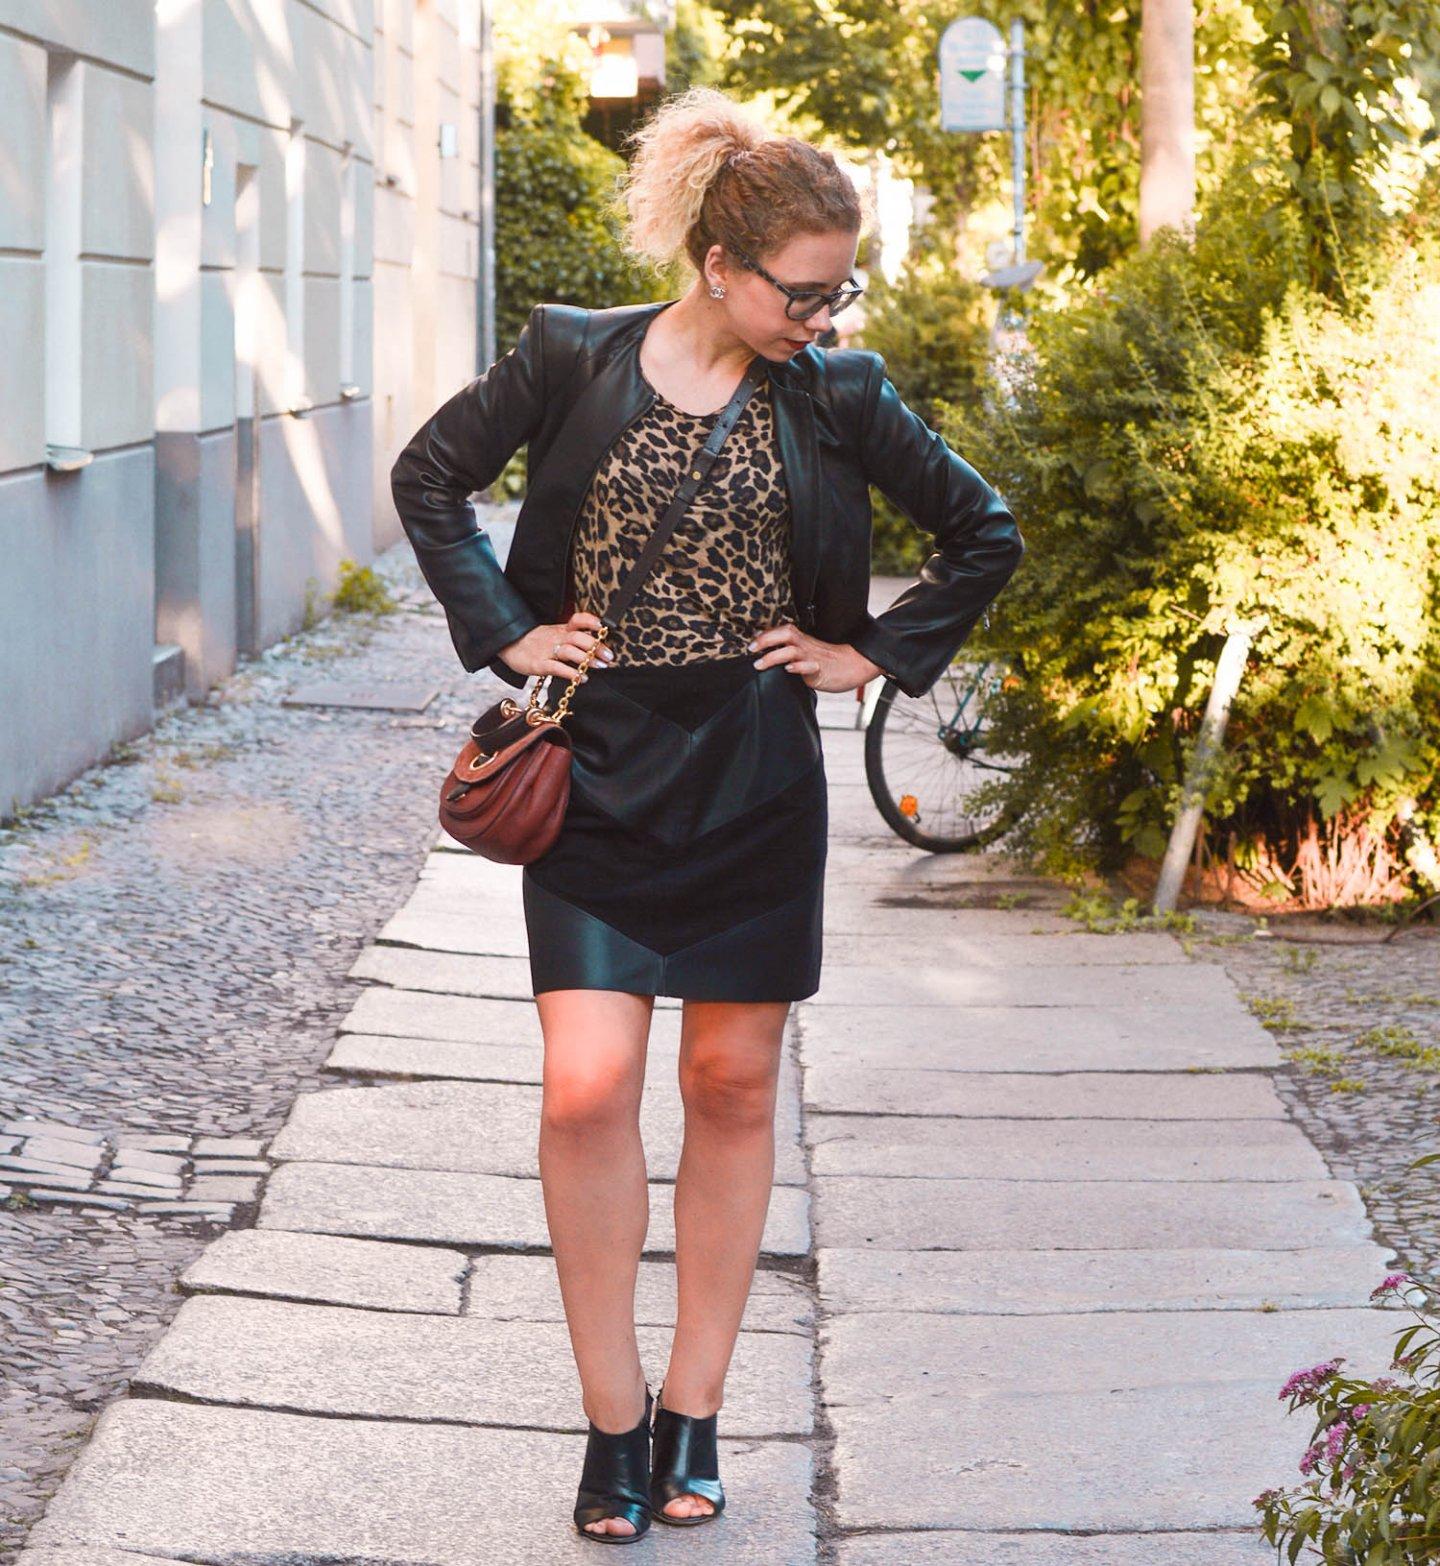 Leomuster und Leder Outfit - Kationette Fashionblog